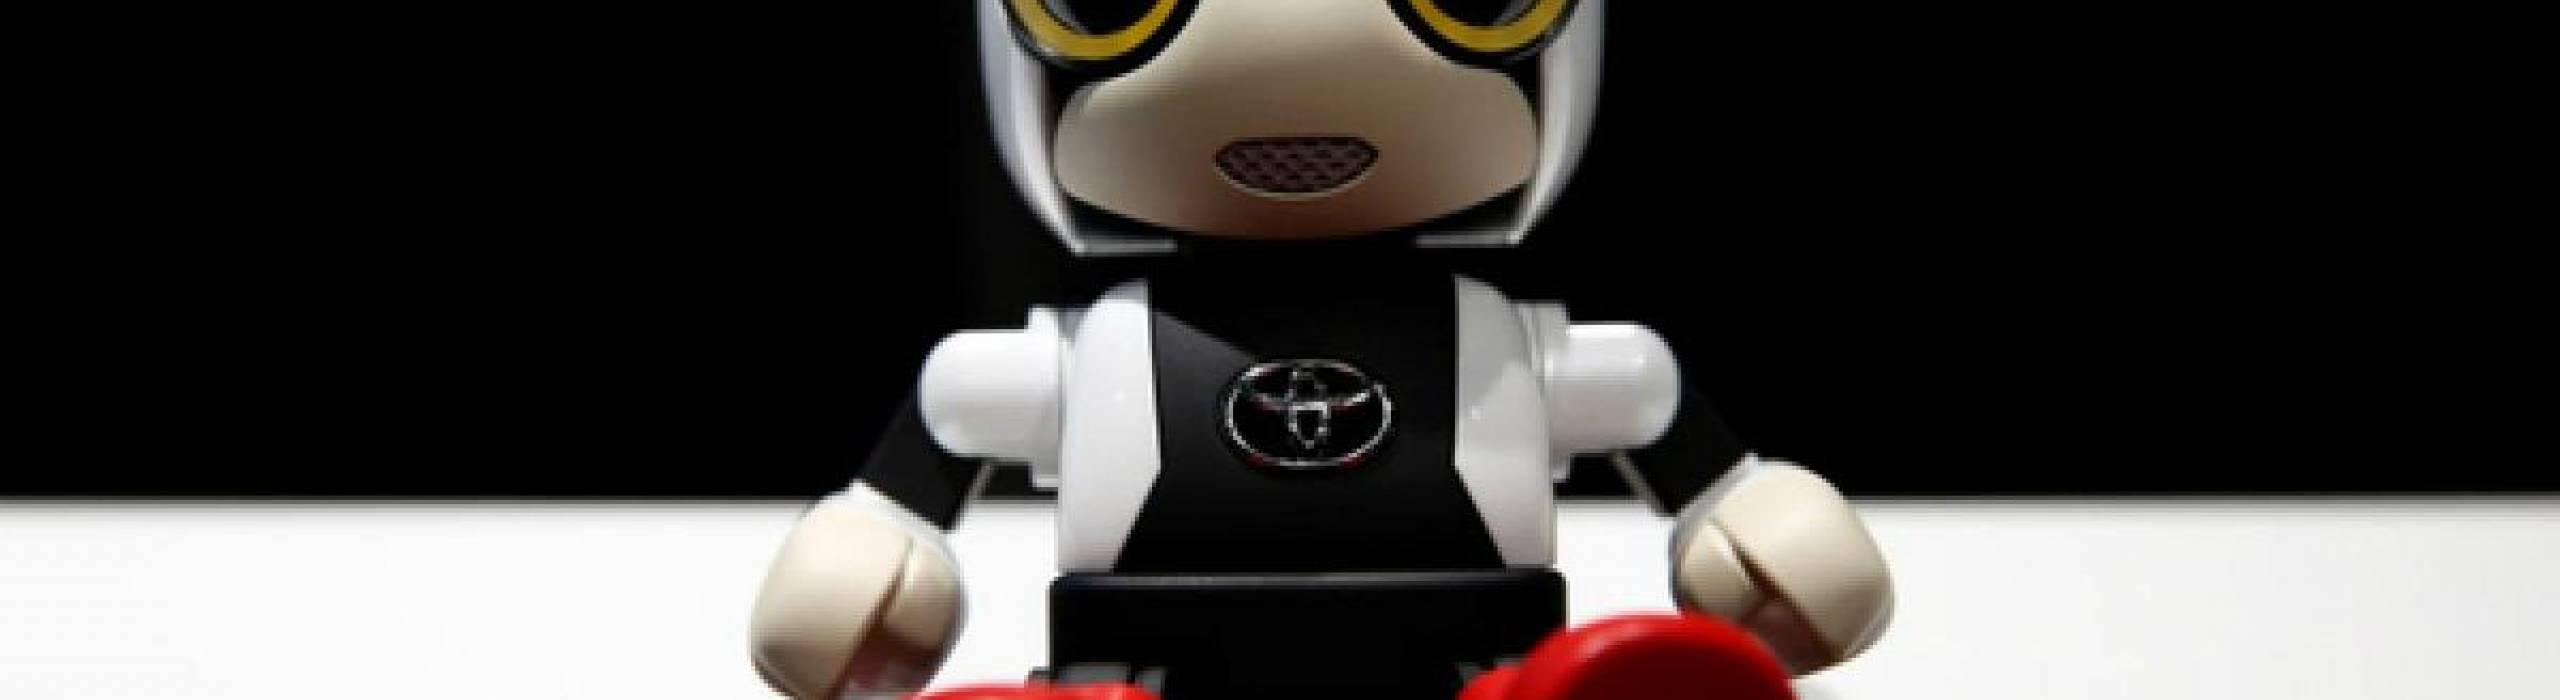 Kirobo the Robot